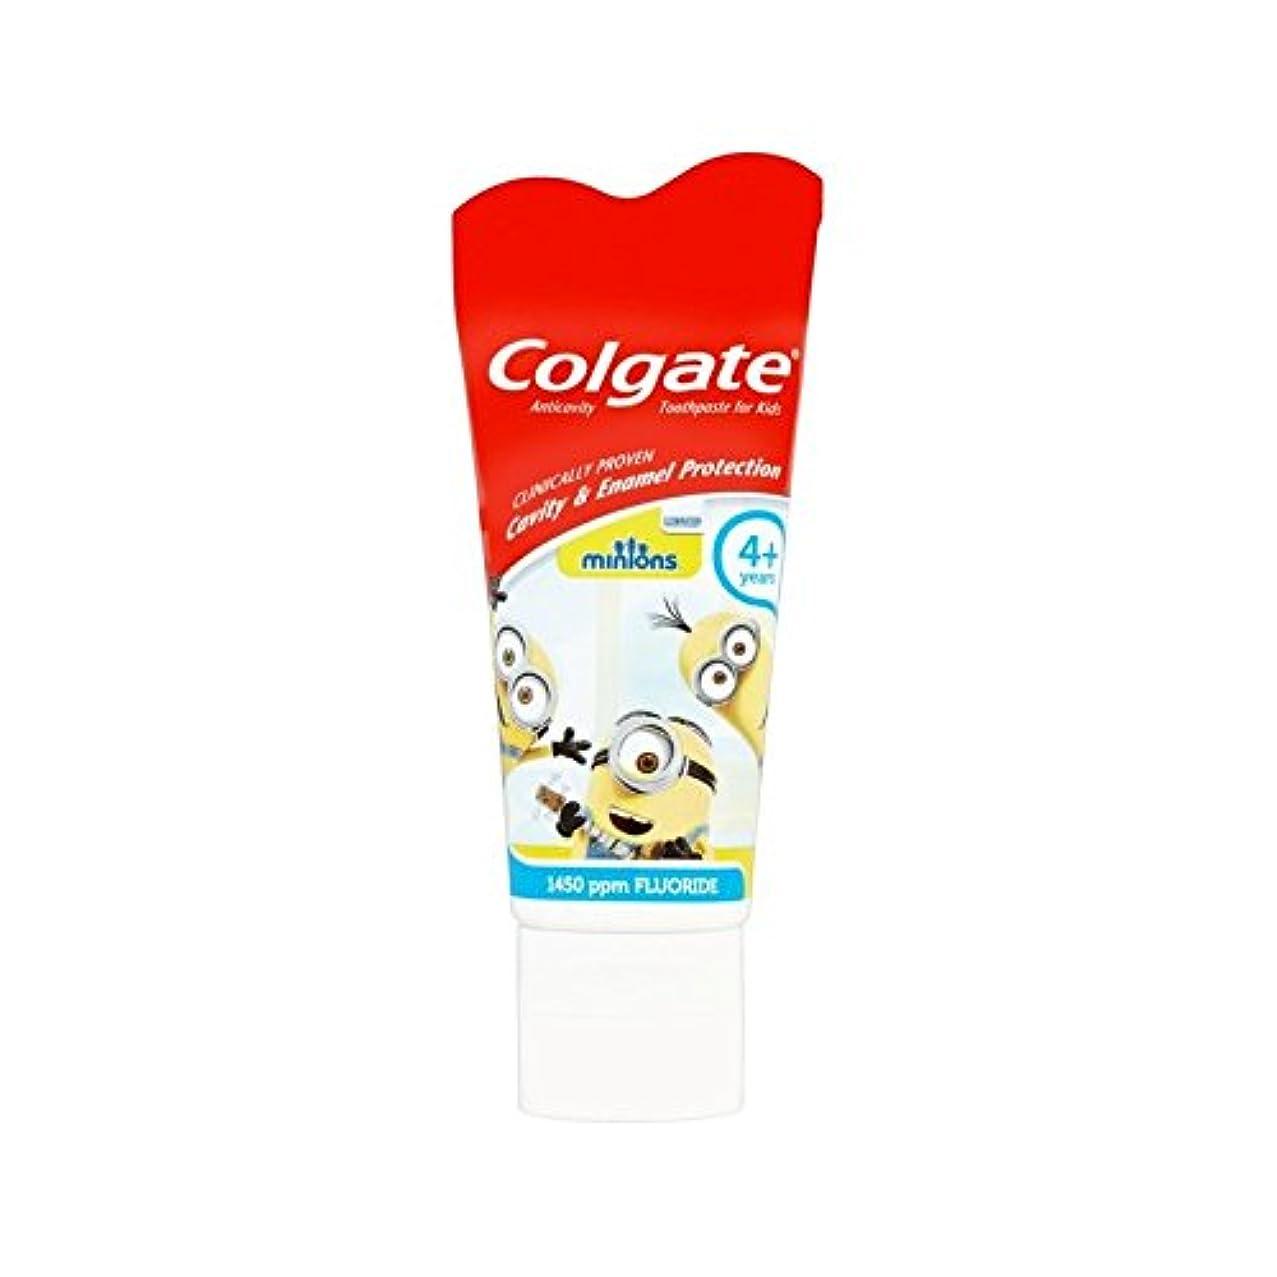 回答牧師まもなく手下の子供4+歯磨き粉50ミリリットル (Colgate) (x 2) - Colgate Minions Kids 4+ Toothpaste 50ml (Pack of 2) [並行輸入品]